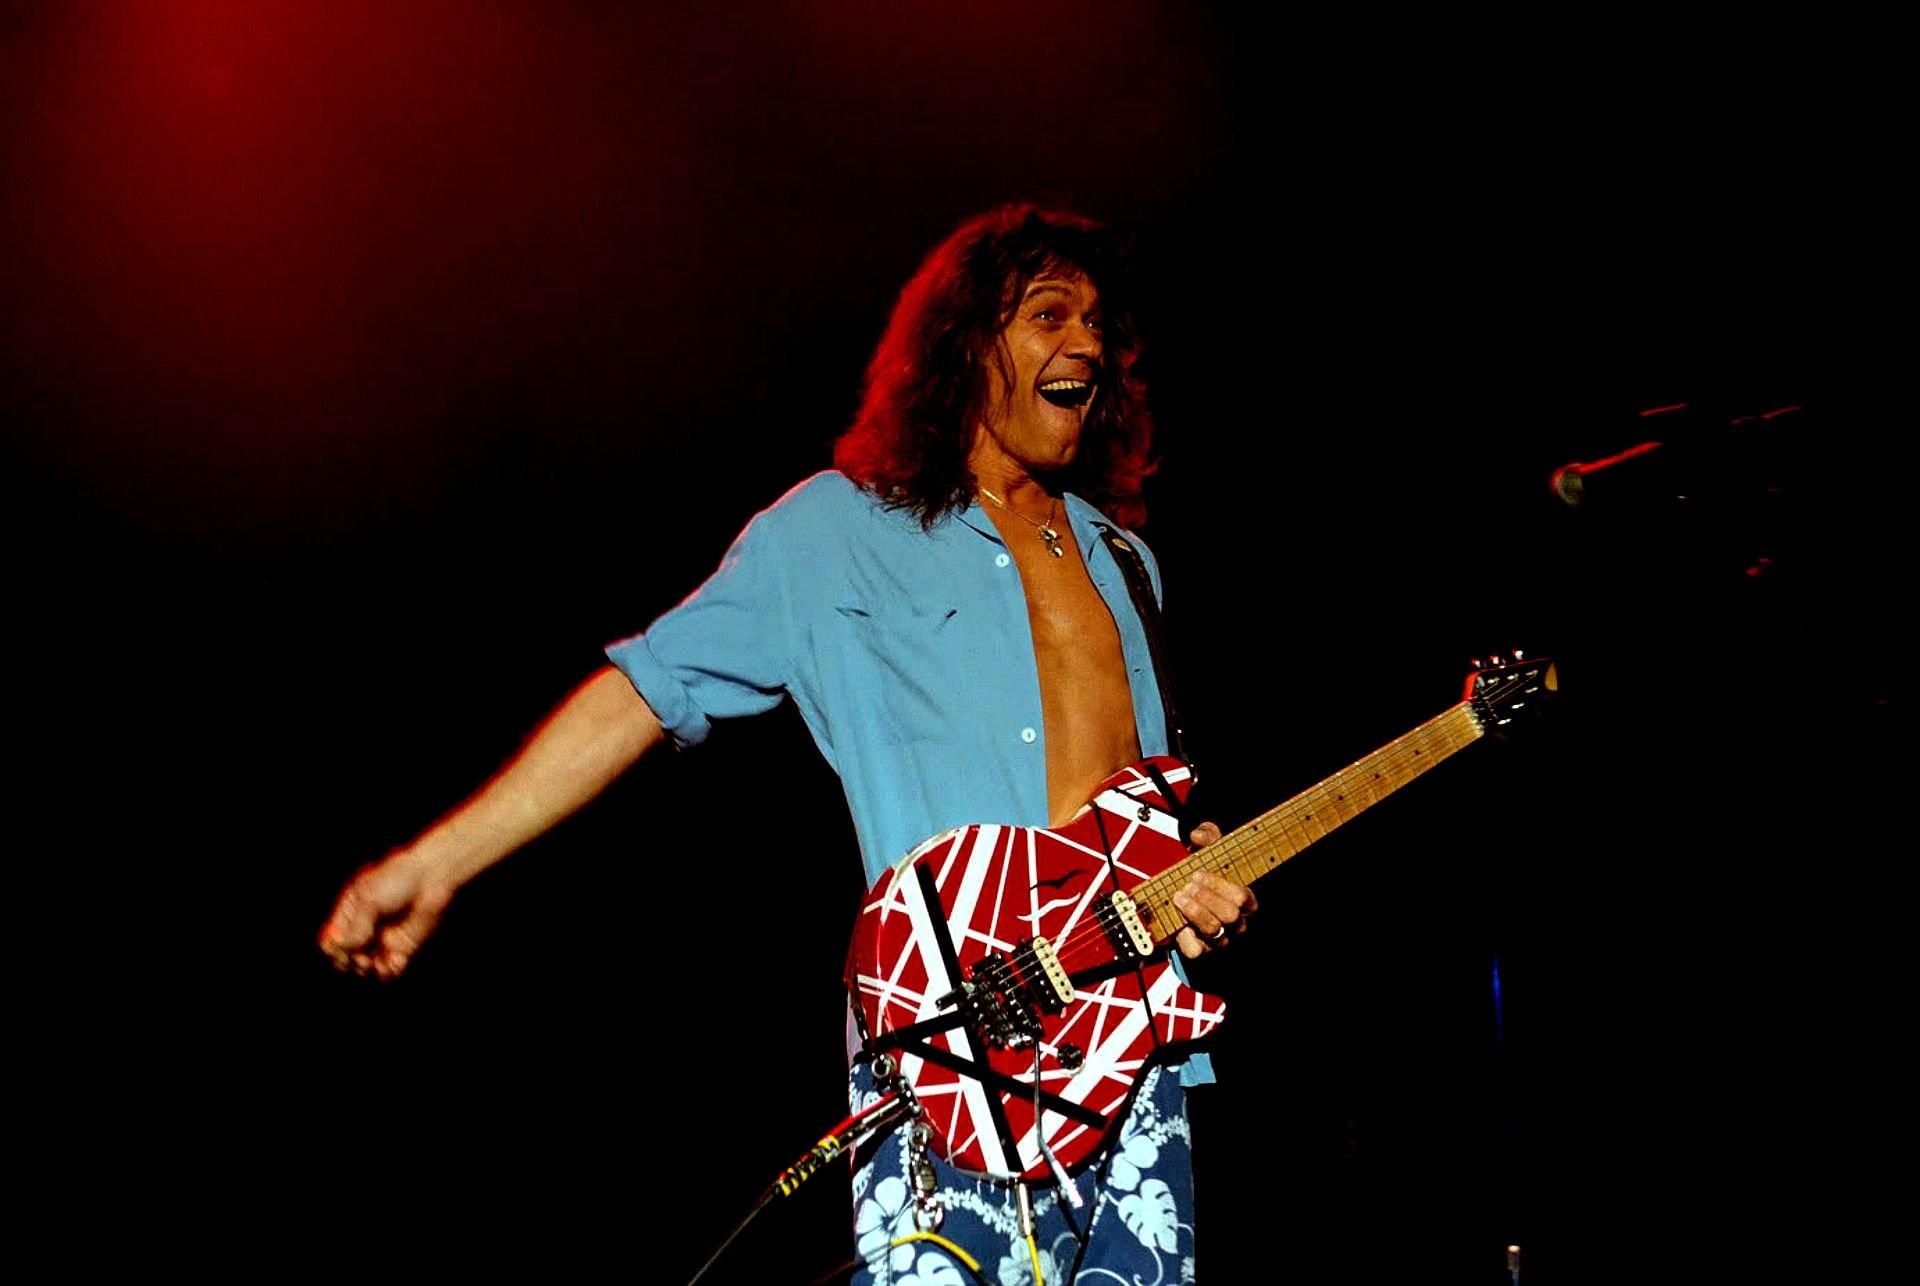 Eddie Van Halen iPhone Wallpaper 51 images 1920x1286